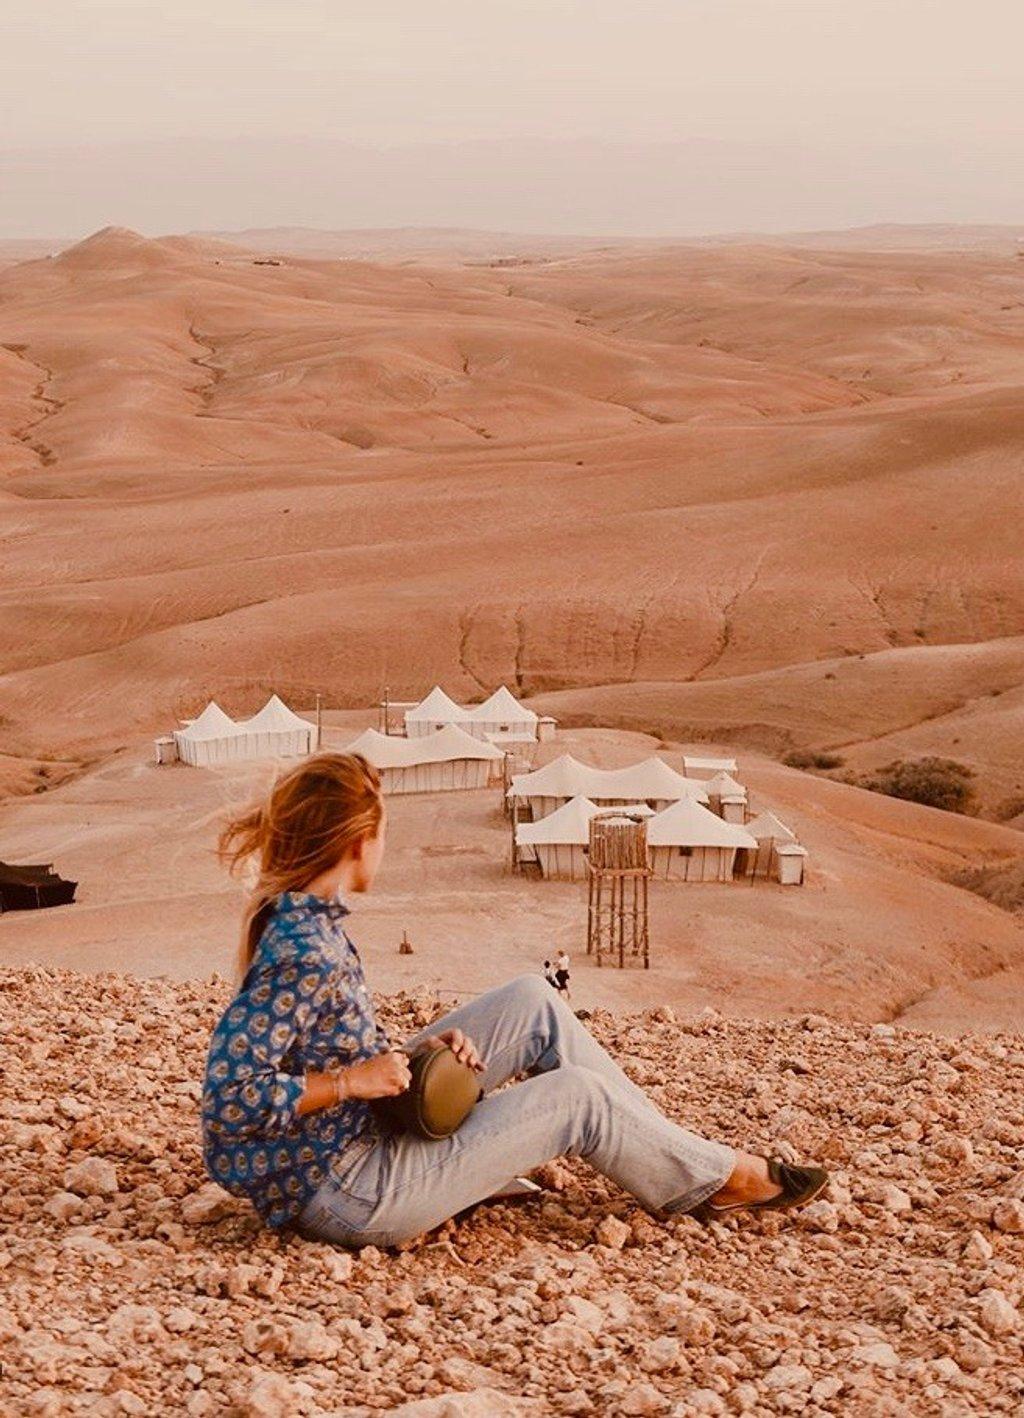 Femme assise dans le dessert regardant devant elle . Elle fait dos à la caméra